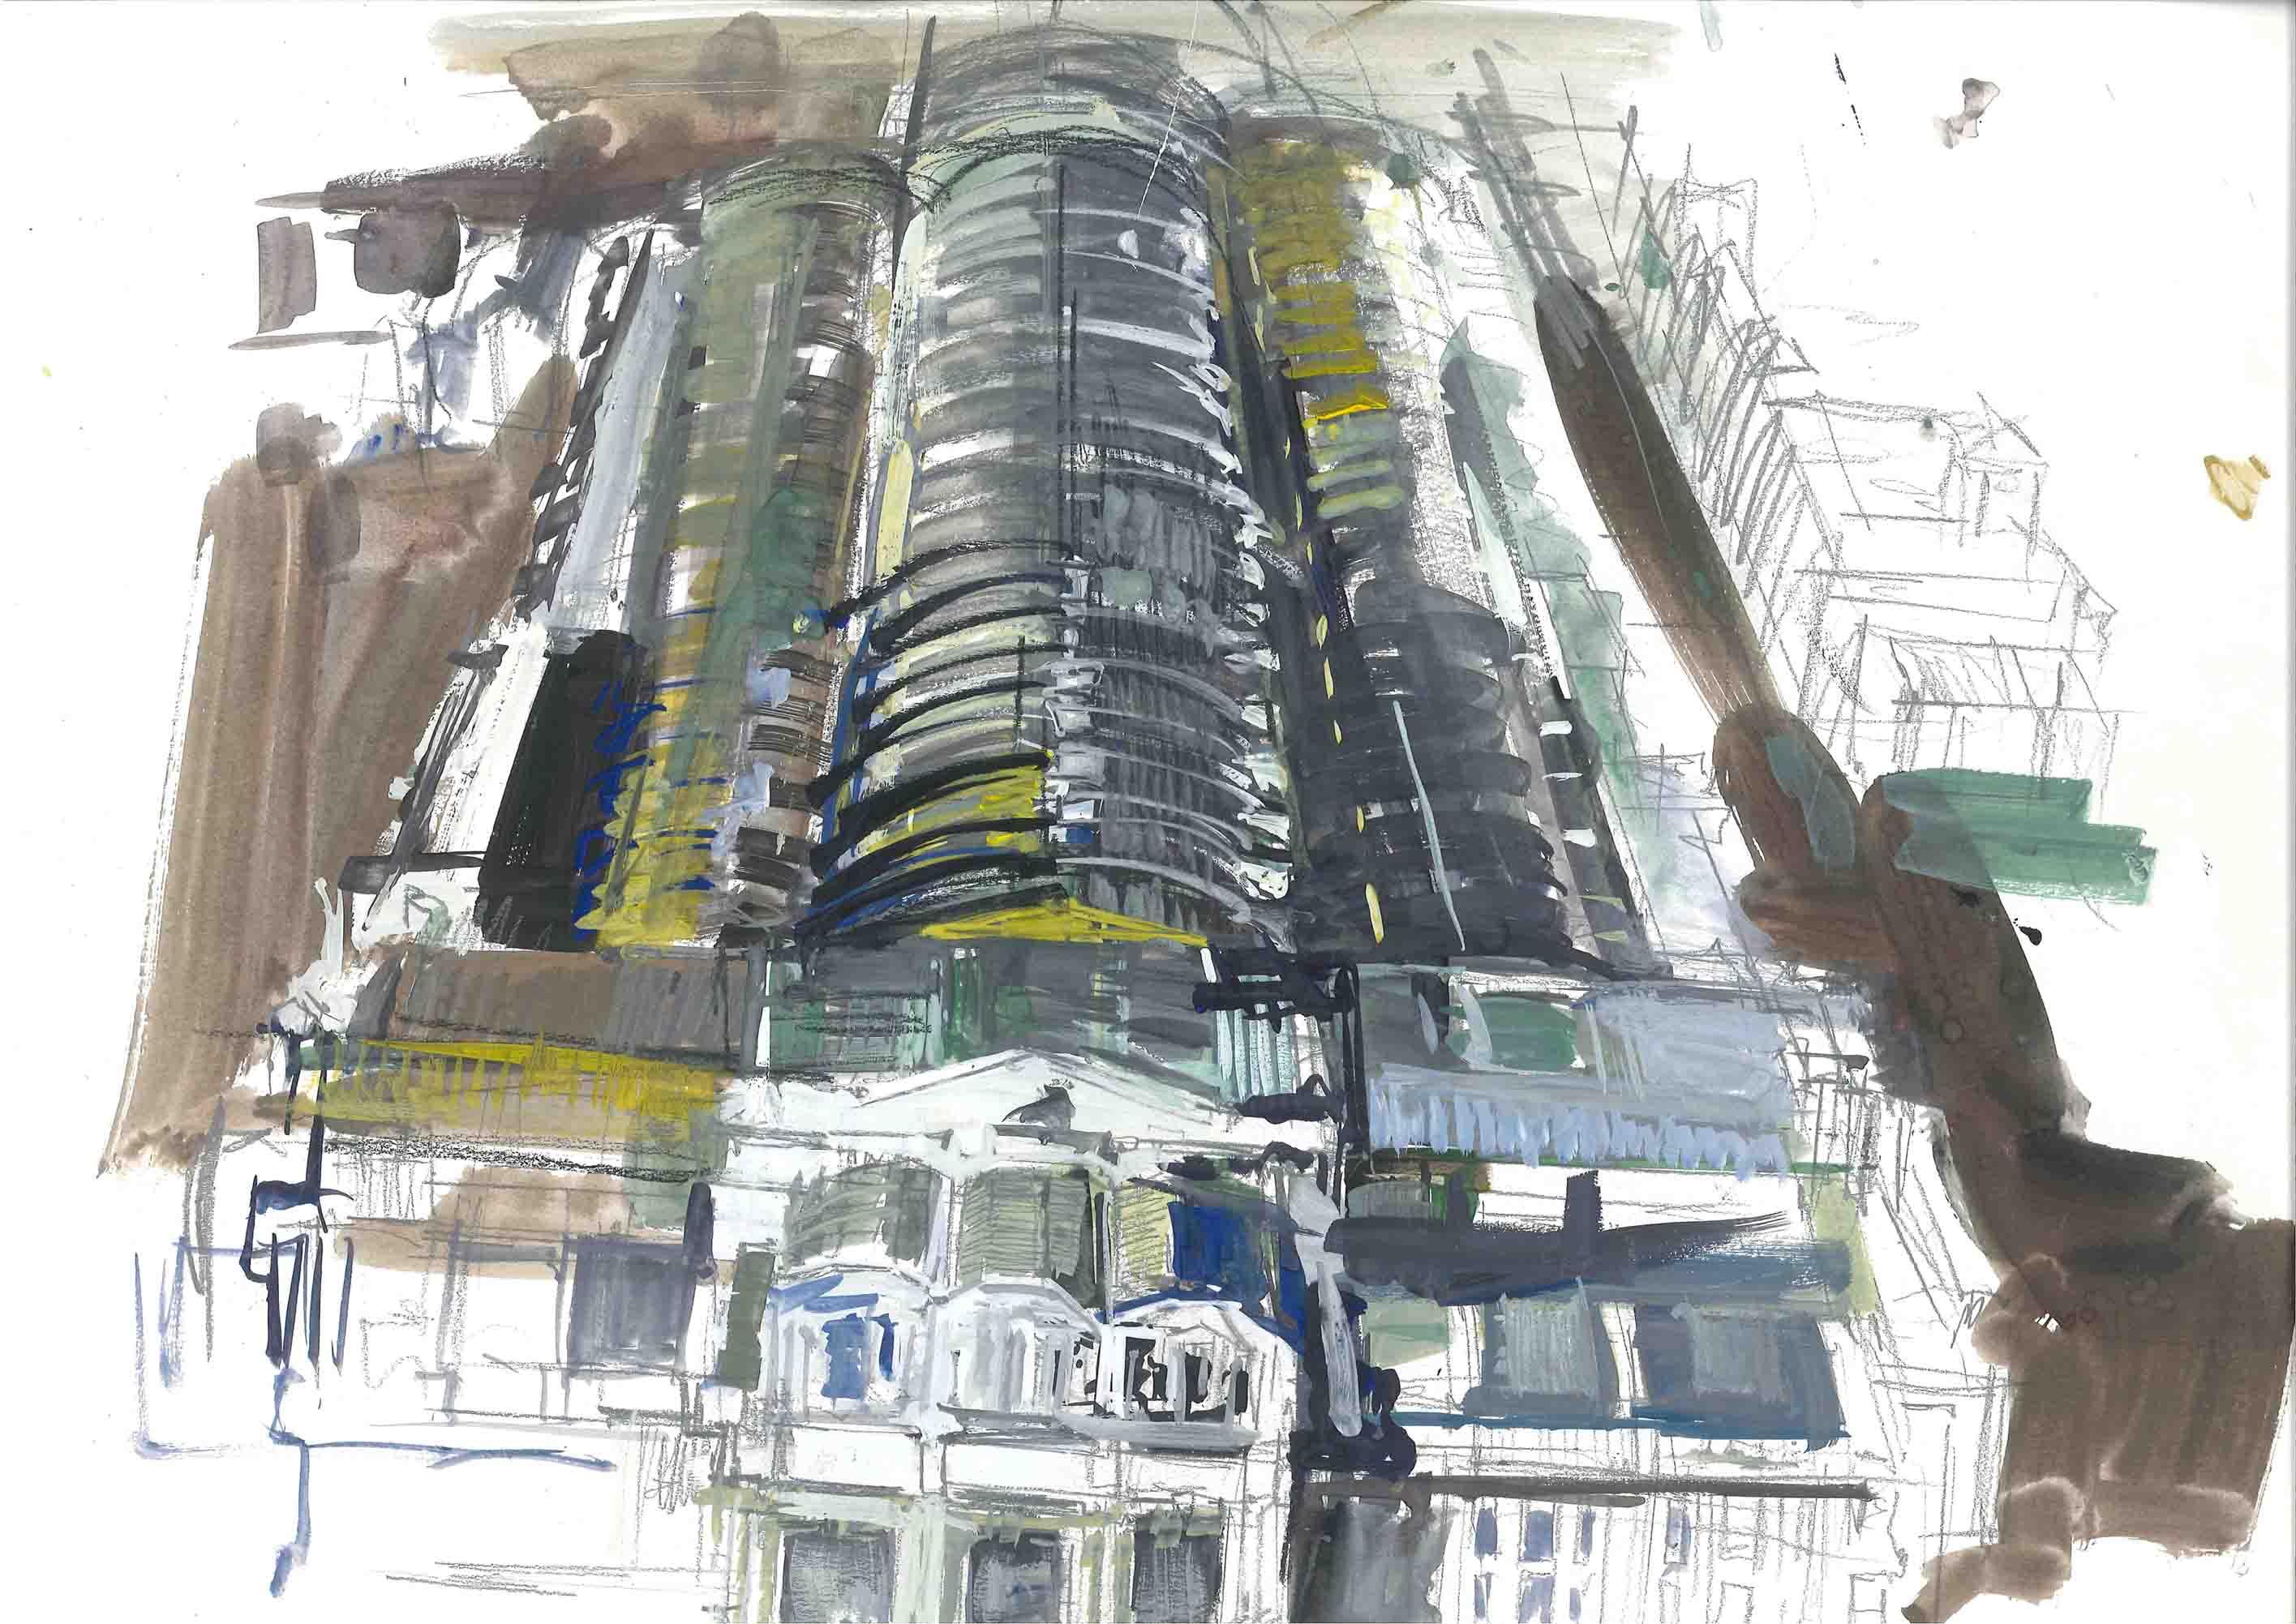 M. Previtali, Centrale Milano, tecnica mista su carta, 2011